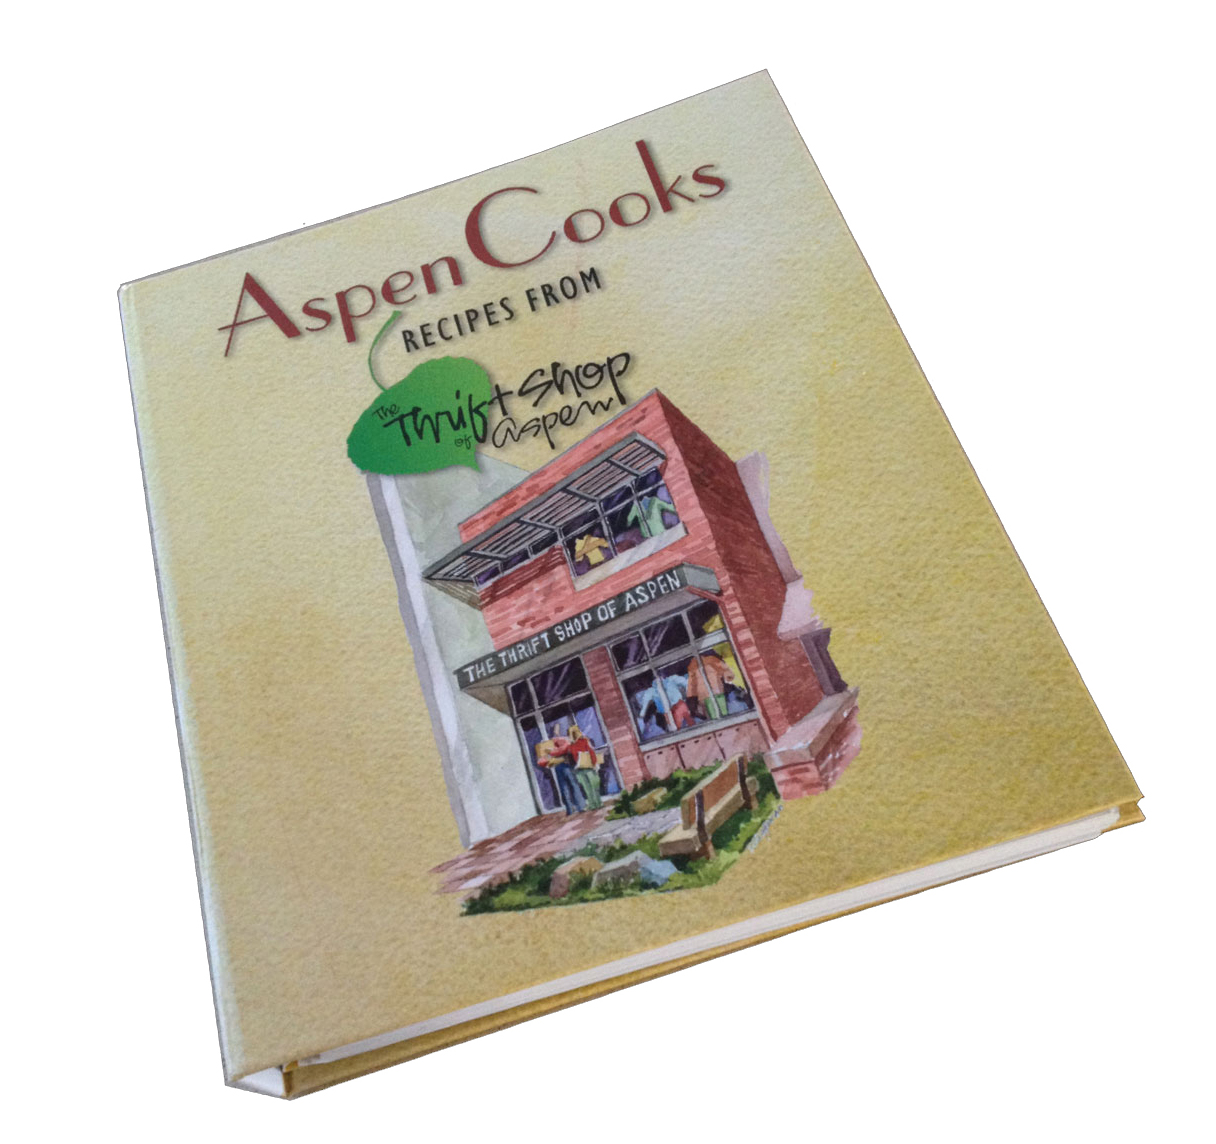 Aspen Cooks!